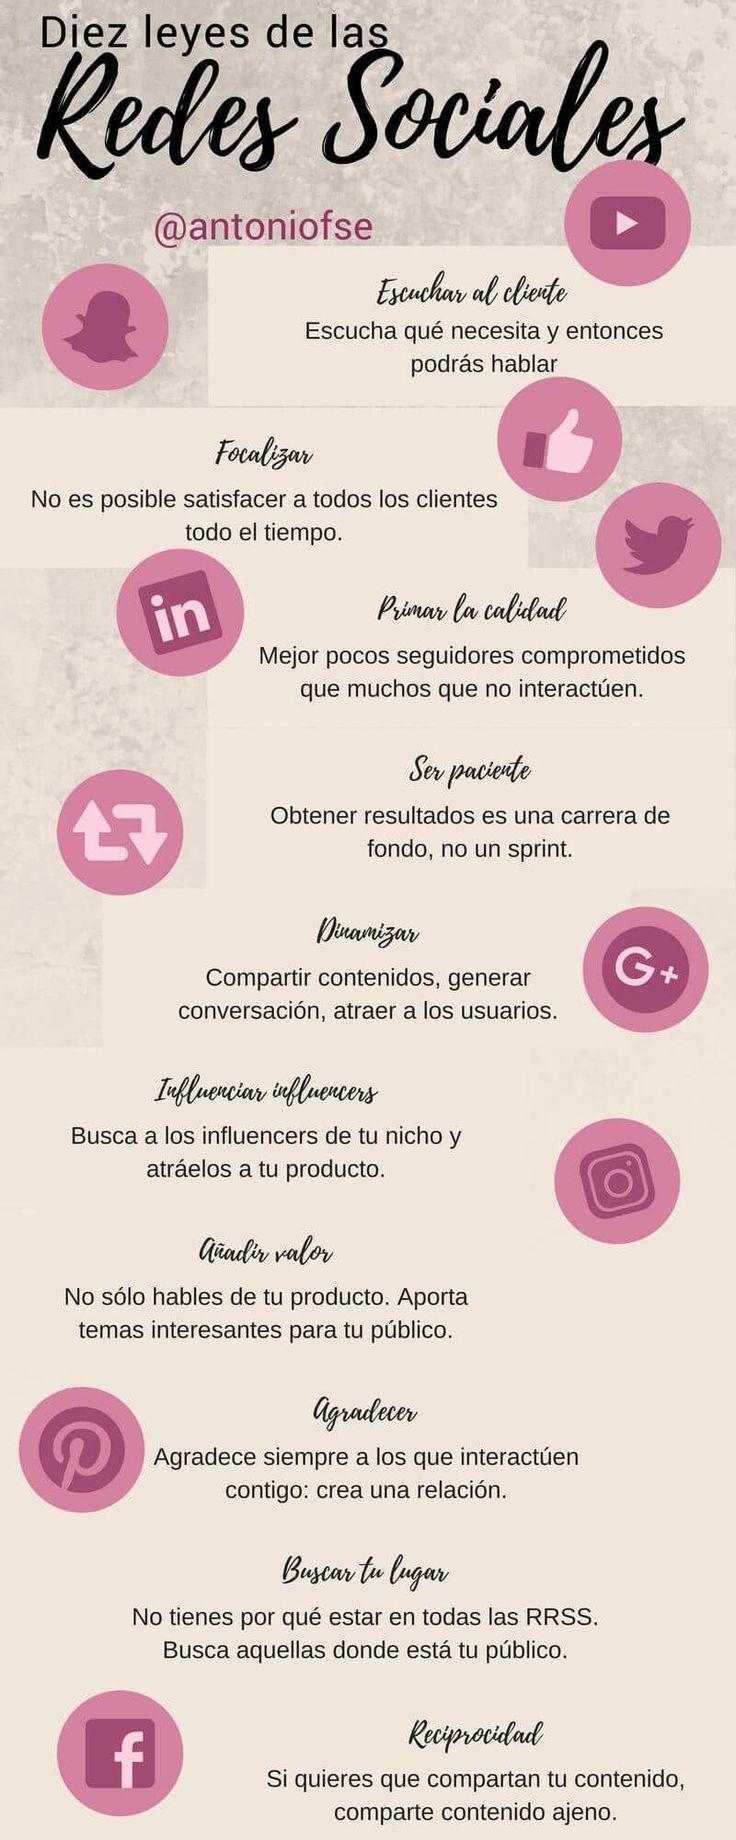 Vamos a conocer cuáles son los diez mandamientos de las Redes Sociales. Un decálogo de leyes que debes cumplir si quieres alcanzar el éxito.